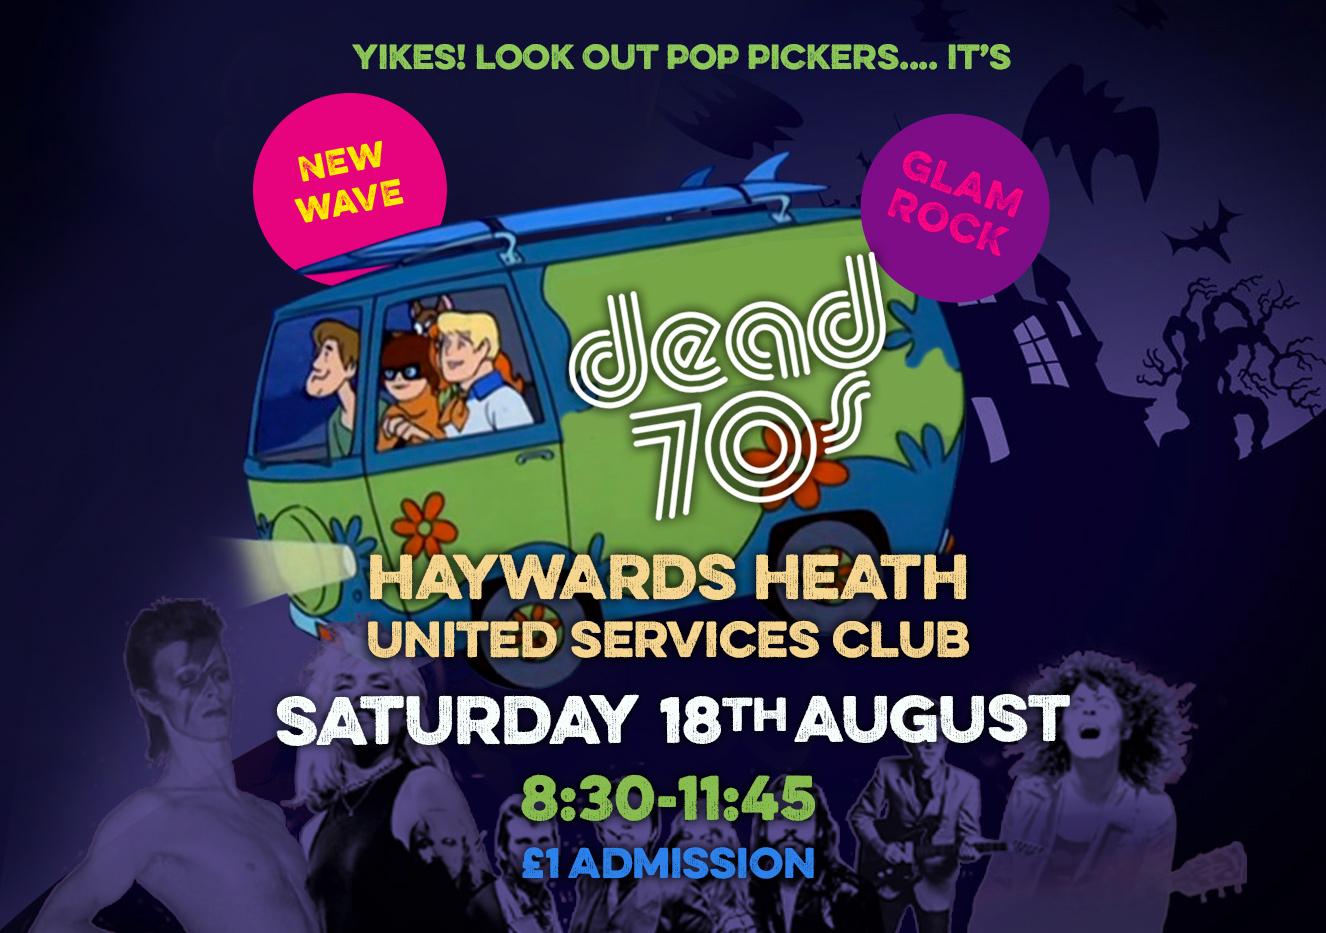 Haywards Heath United Services Club